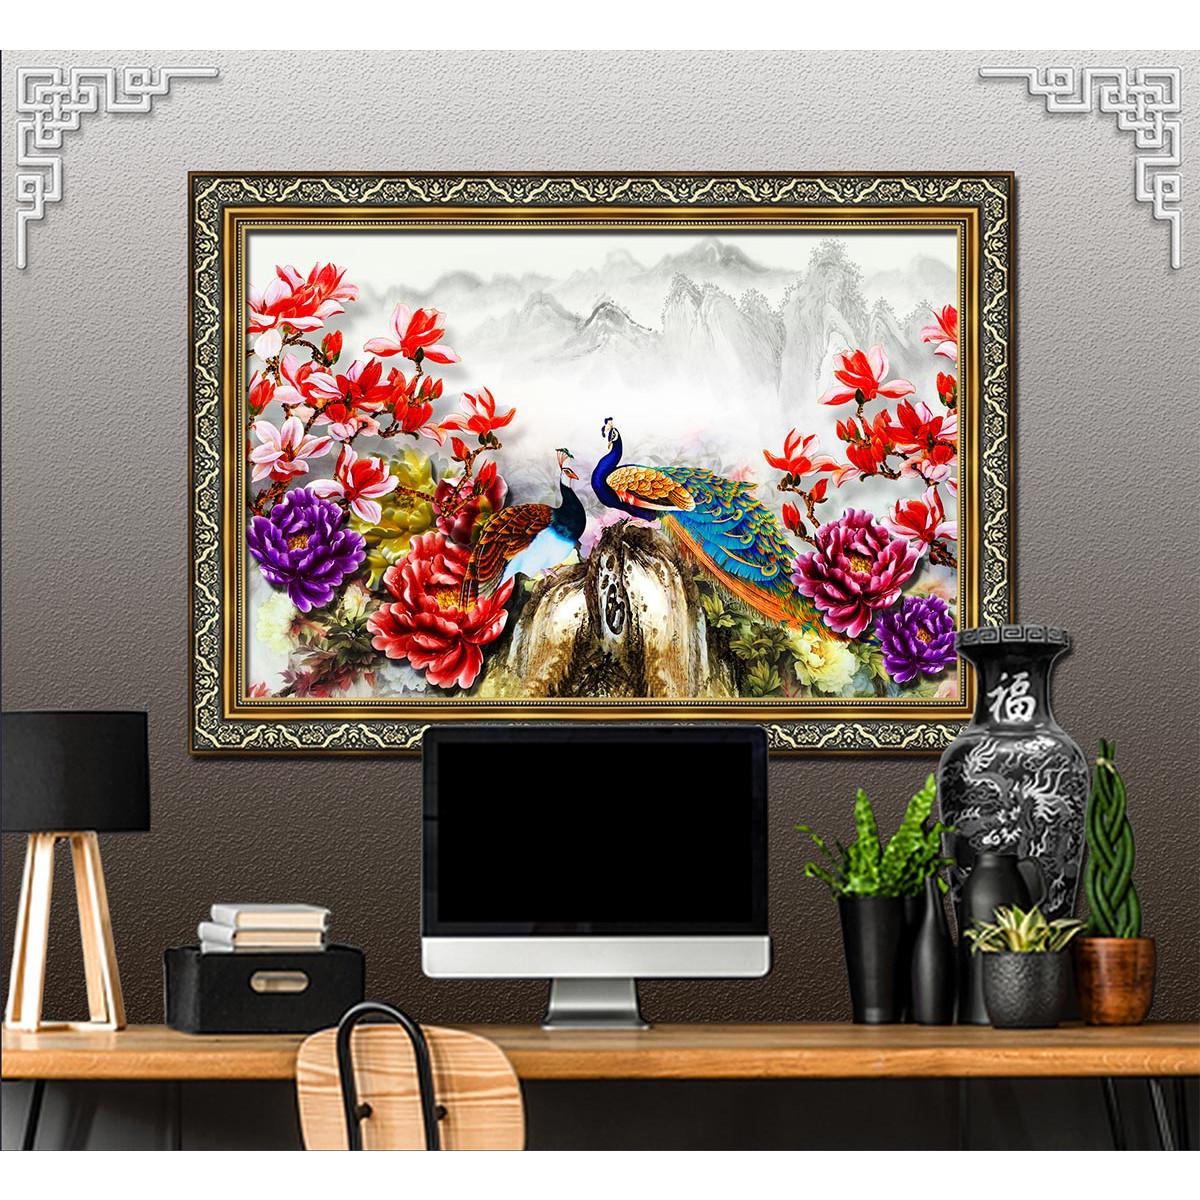 Bức tranh khung hoàn thiện - CHIM CÔNG, PHƯỢNG HOÀNG chất liệu in vải lụa hoặc giấy ảnh bóng gương Mã số: 3628L8